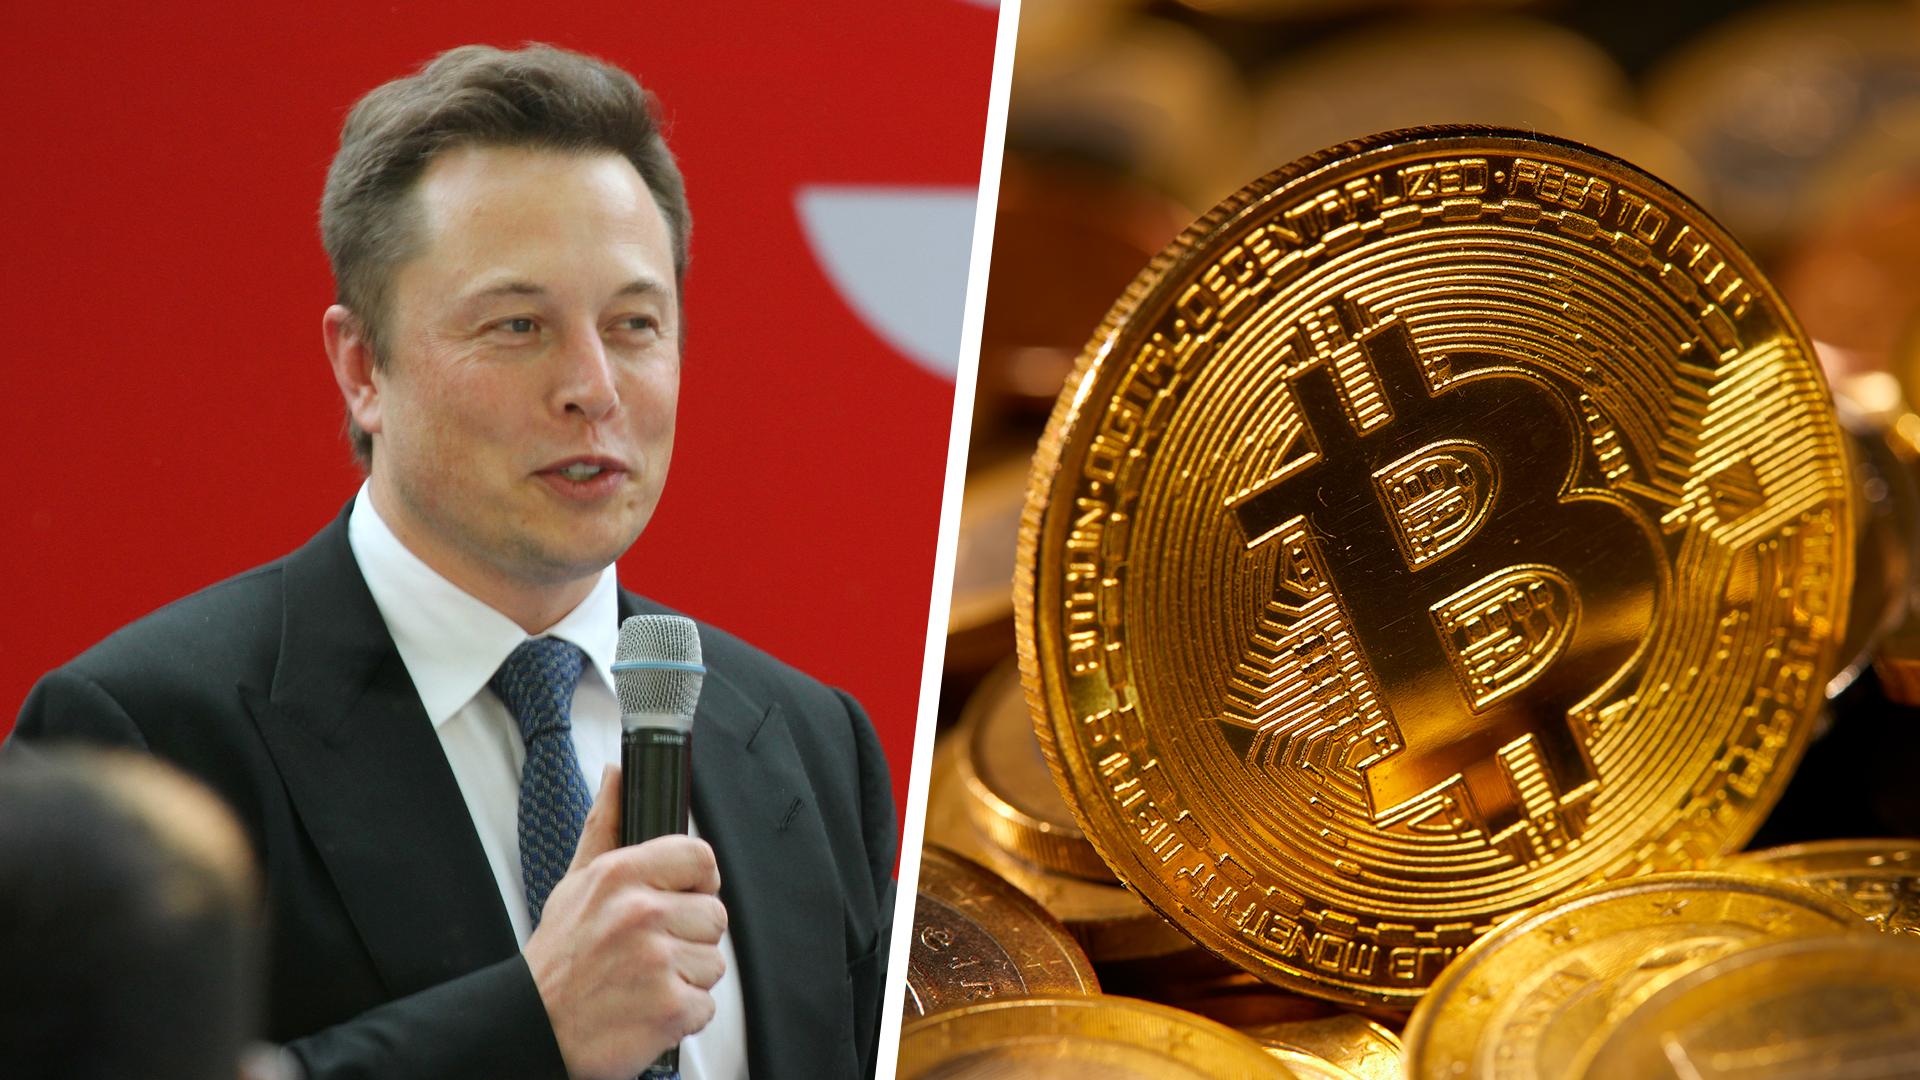 Elon Musk outet sich als Bitcoin-Anhänger – Kurs schießt nach oben